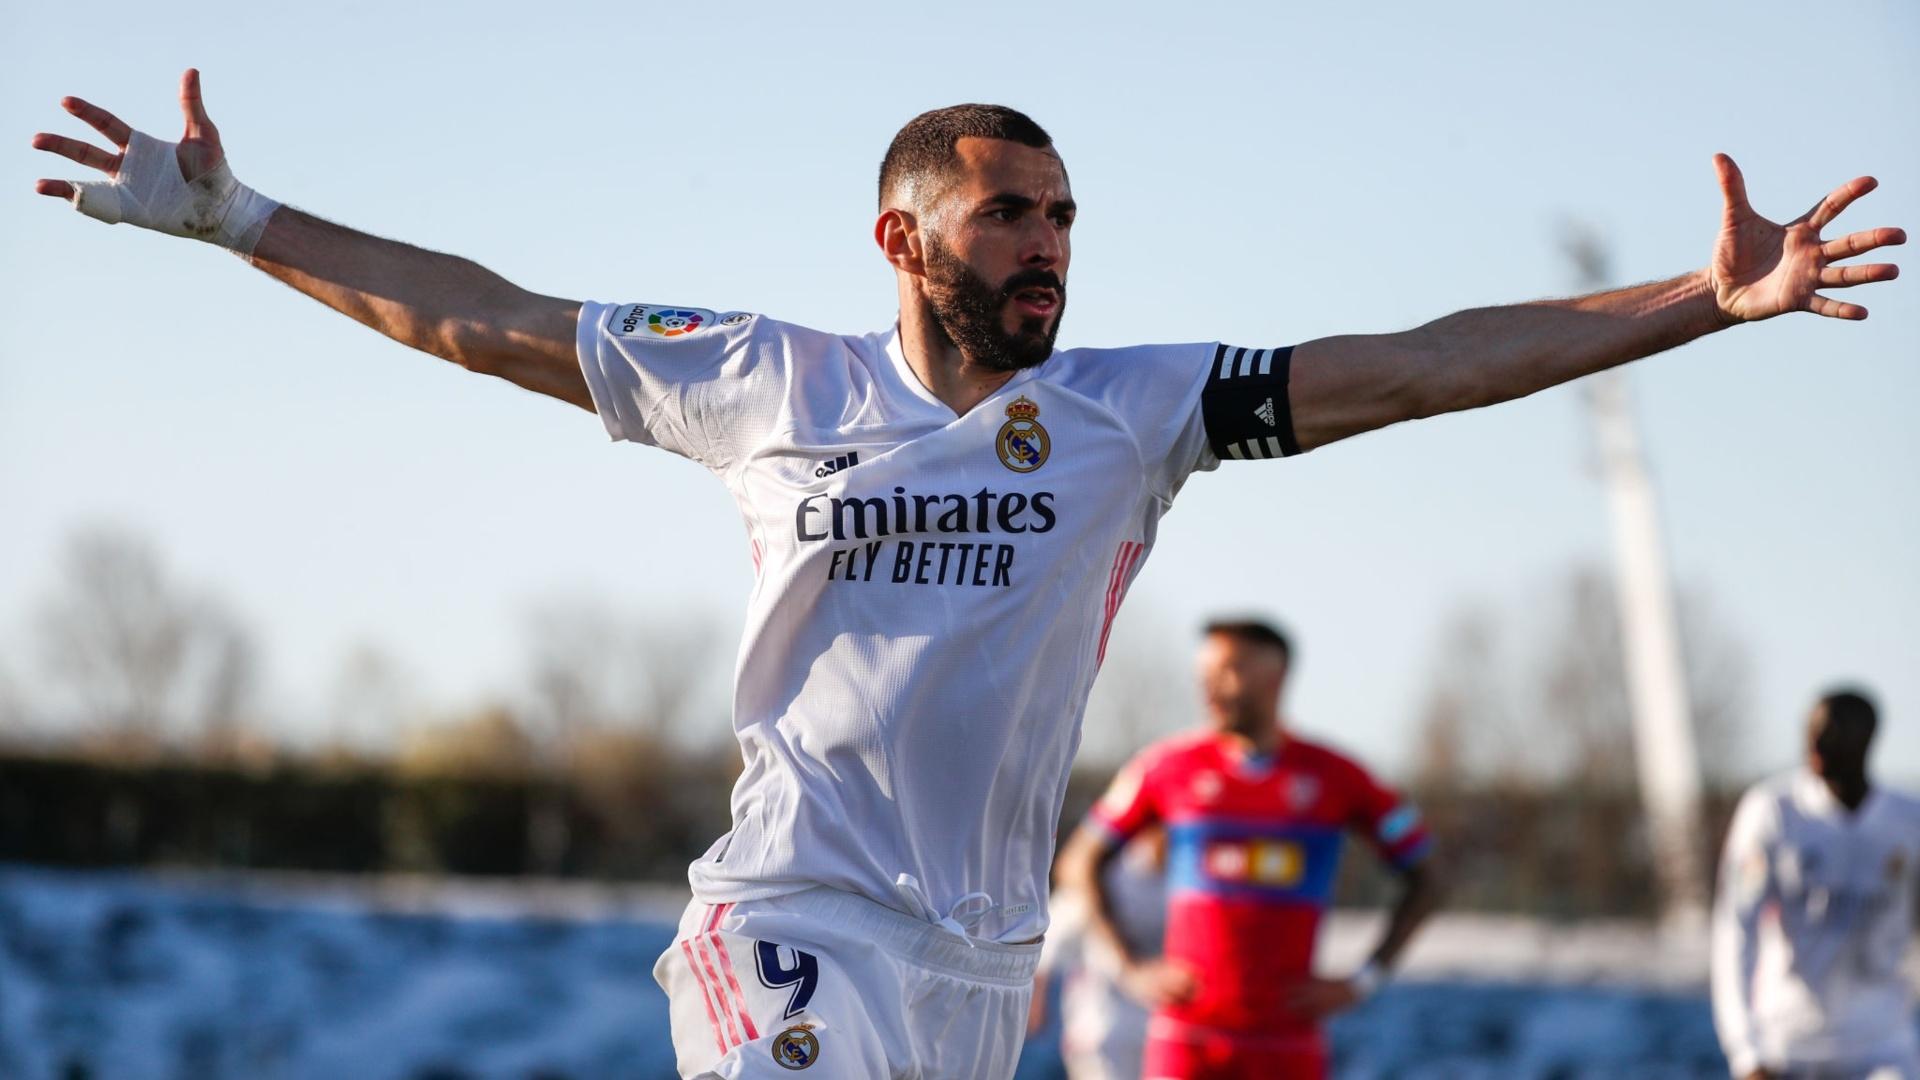 Match Preview: Celta Vigo vs Real Madrid